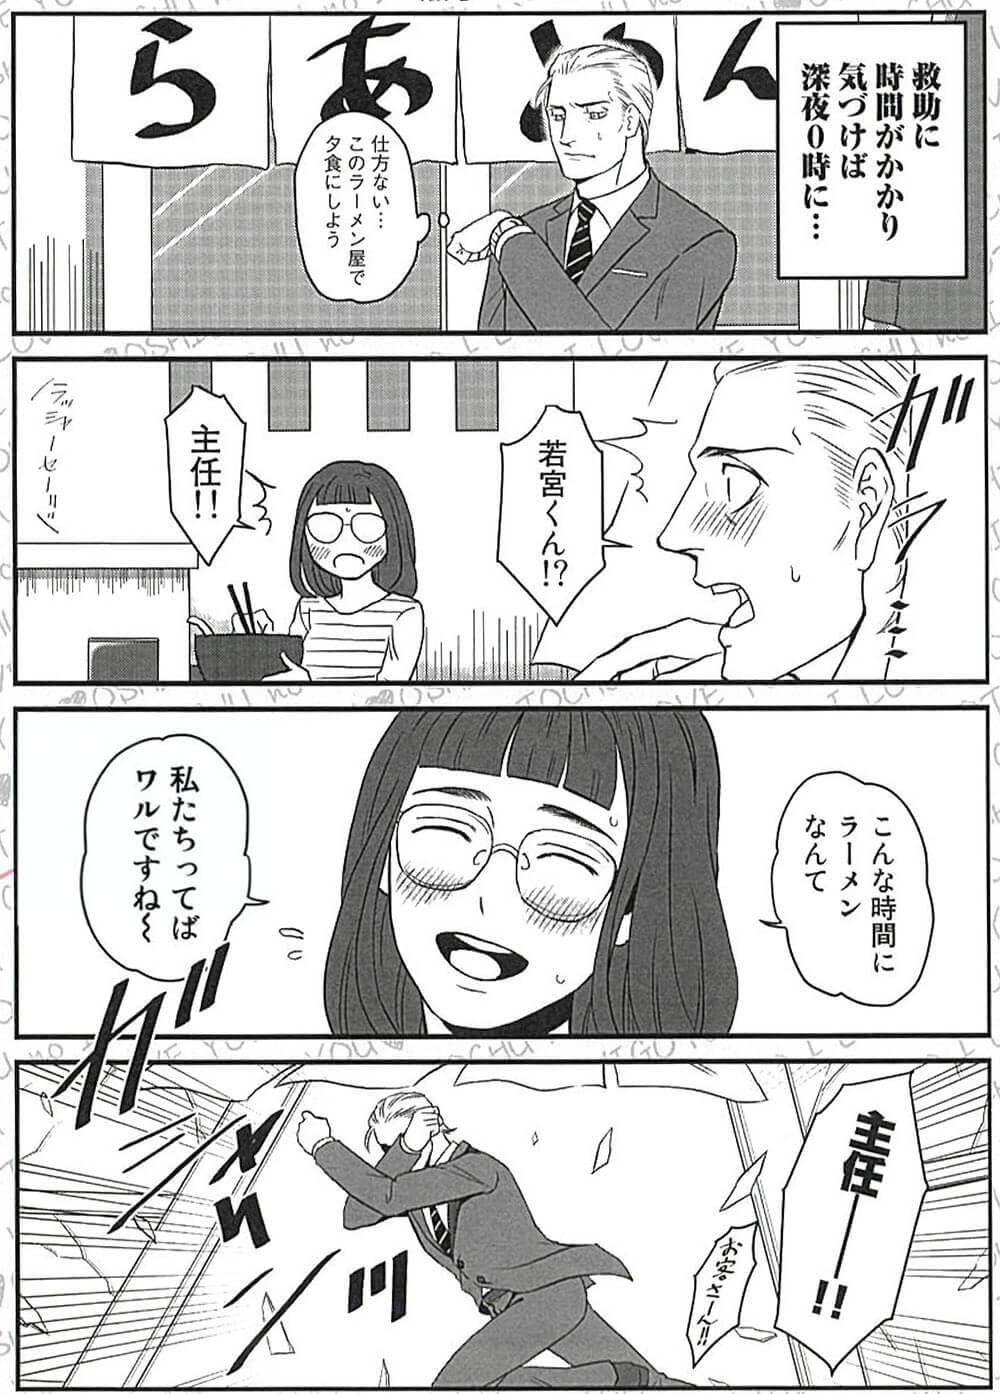 上司が新入社員に恋する漫画1-7